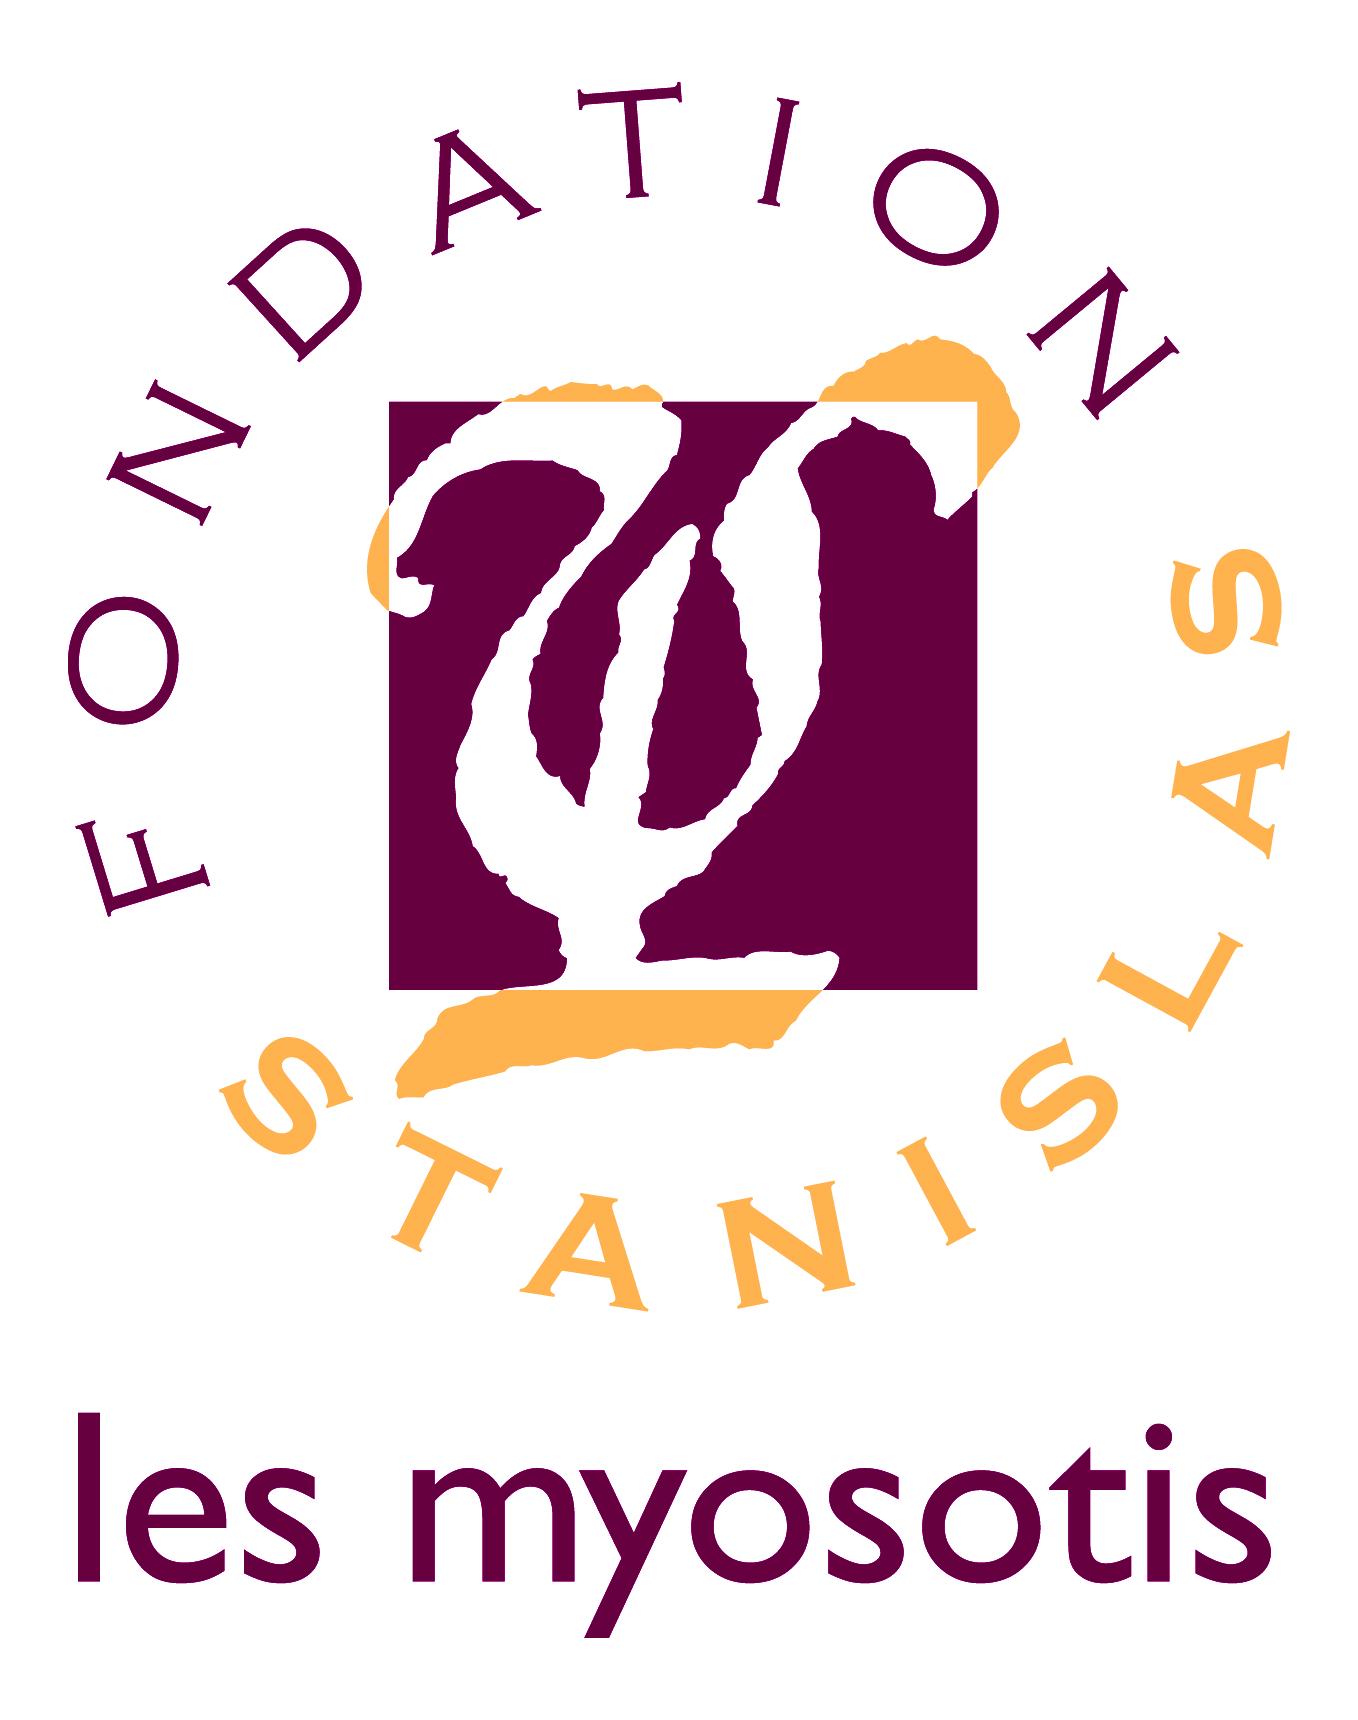 Dites le nous fondation stanislas - Prenom stanislas ...